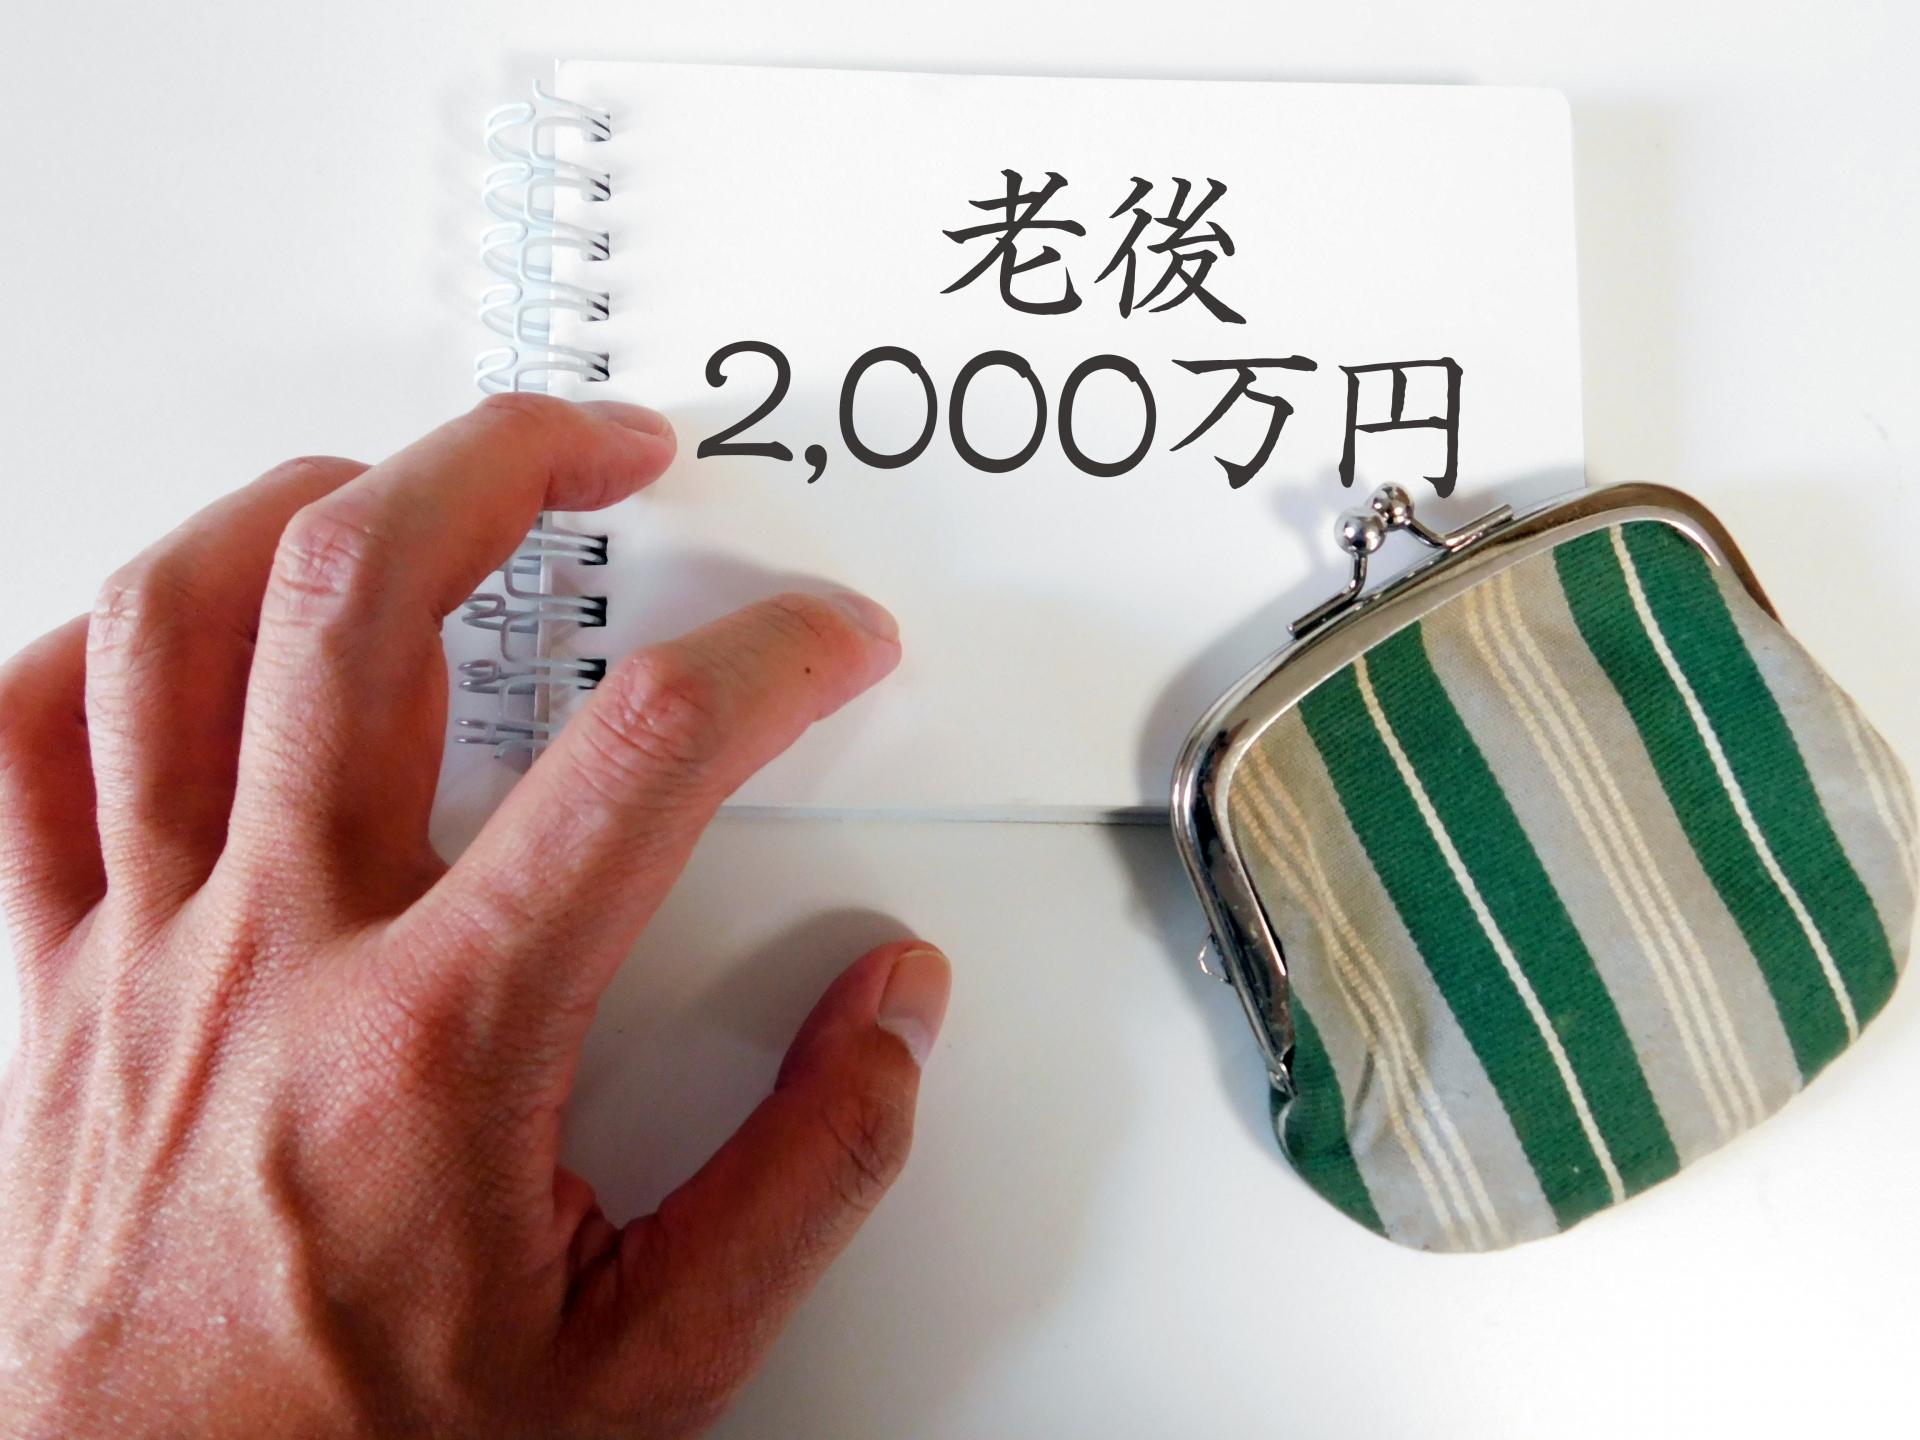 【悲惨?余裕?】老後2,000万円足りない生活シミュレーション